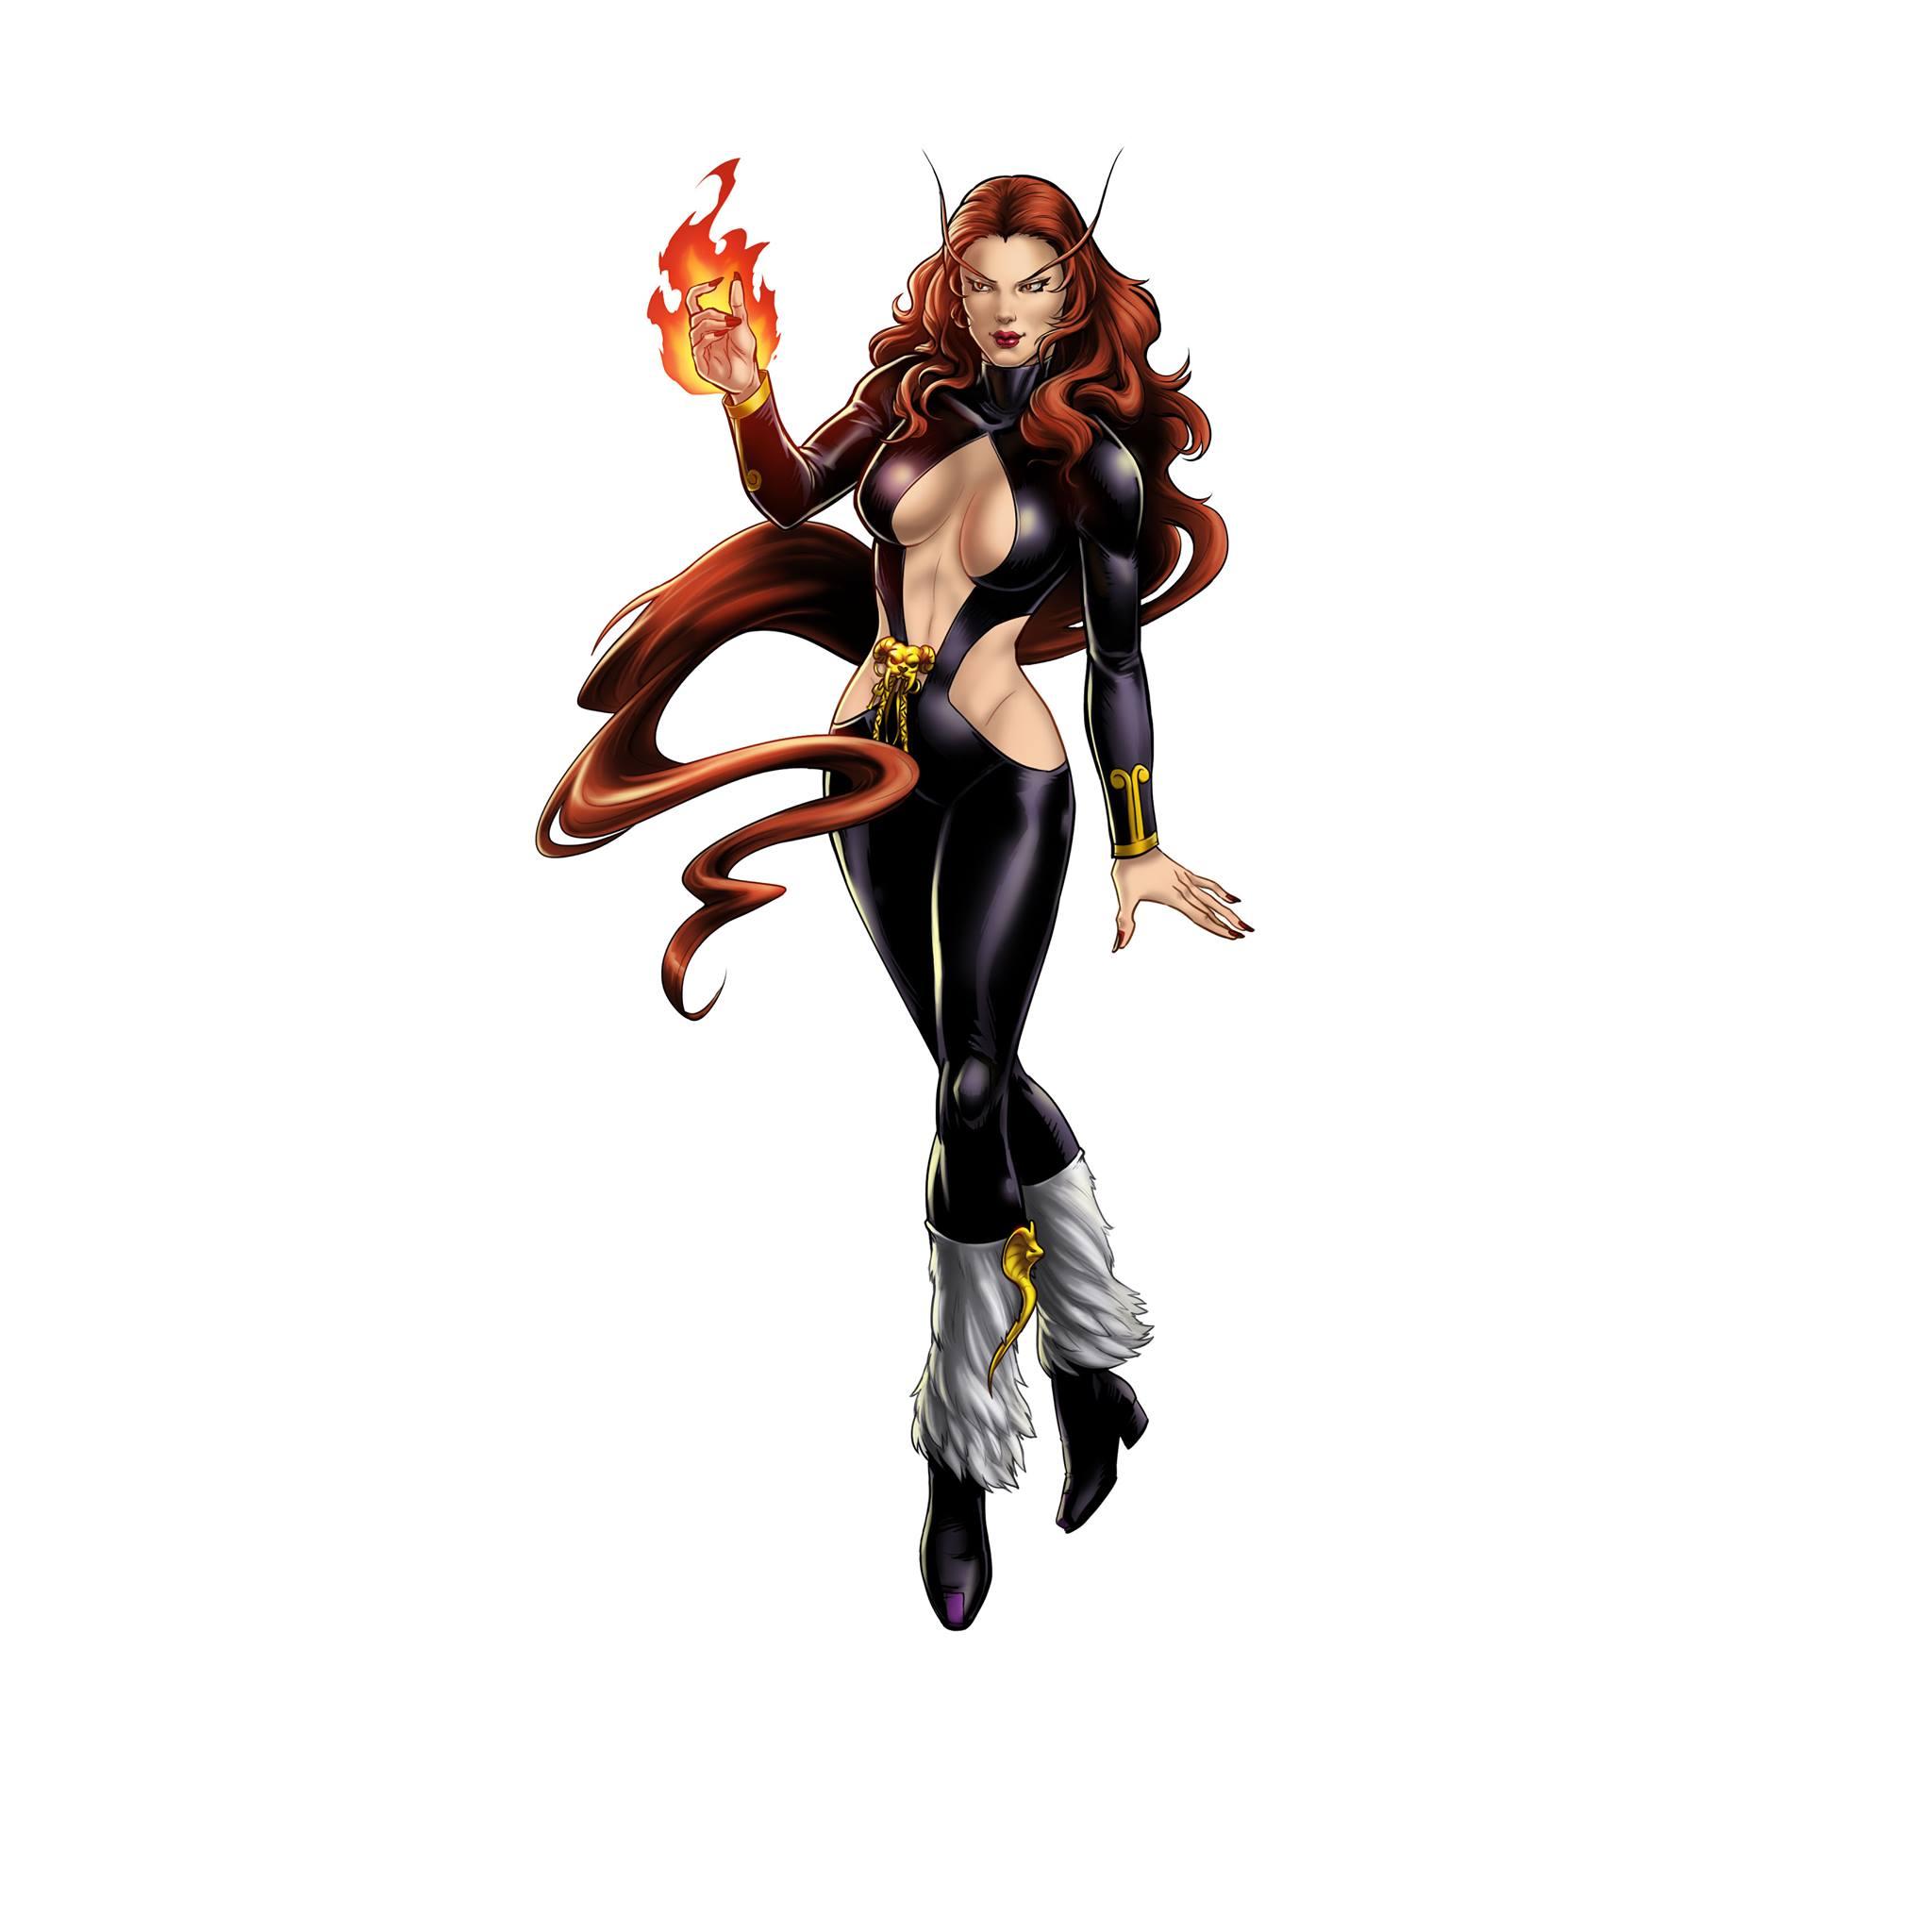 X23 Marvel Aveng...X 23 Marvel Avengers Alliance